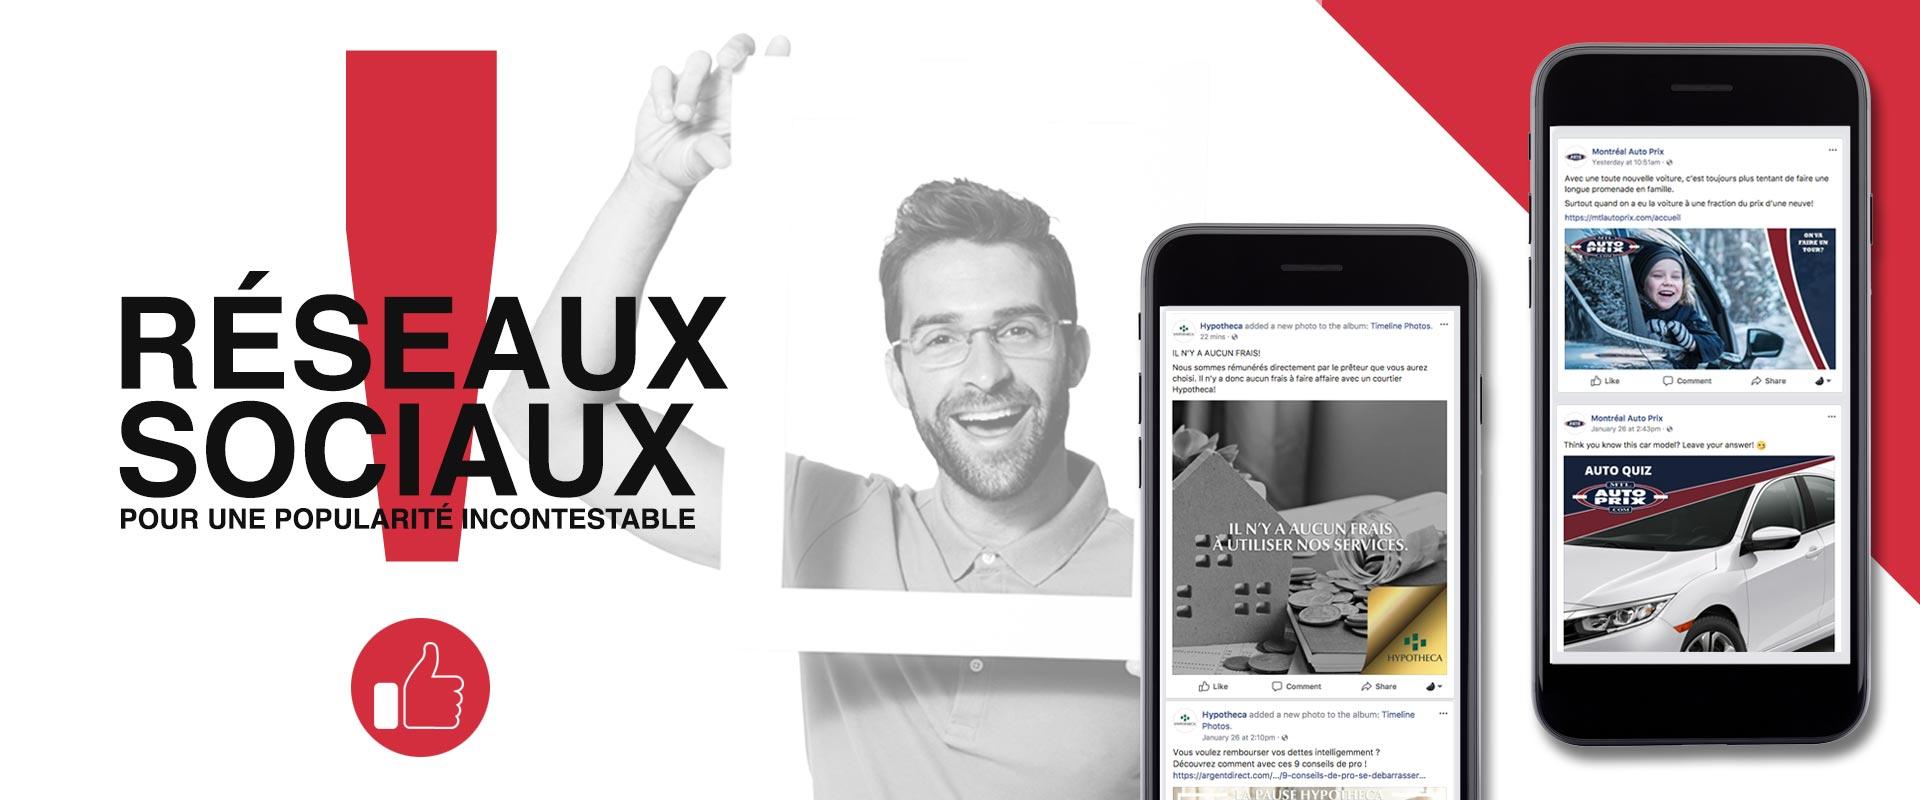 Futé Marketing agence stratégie marketing web Laurentides réseaux sociaux